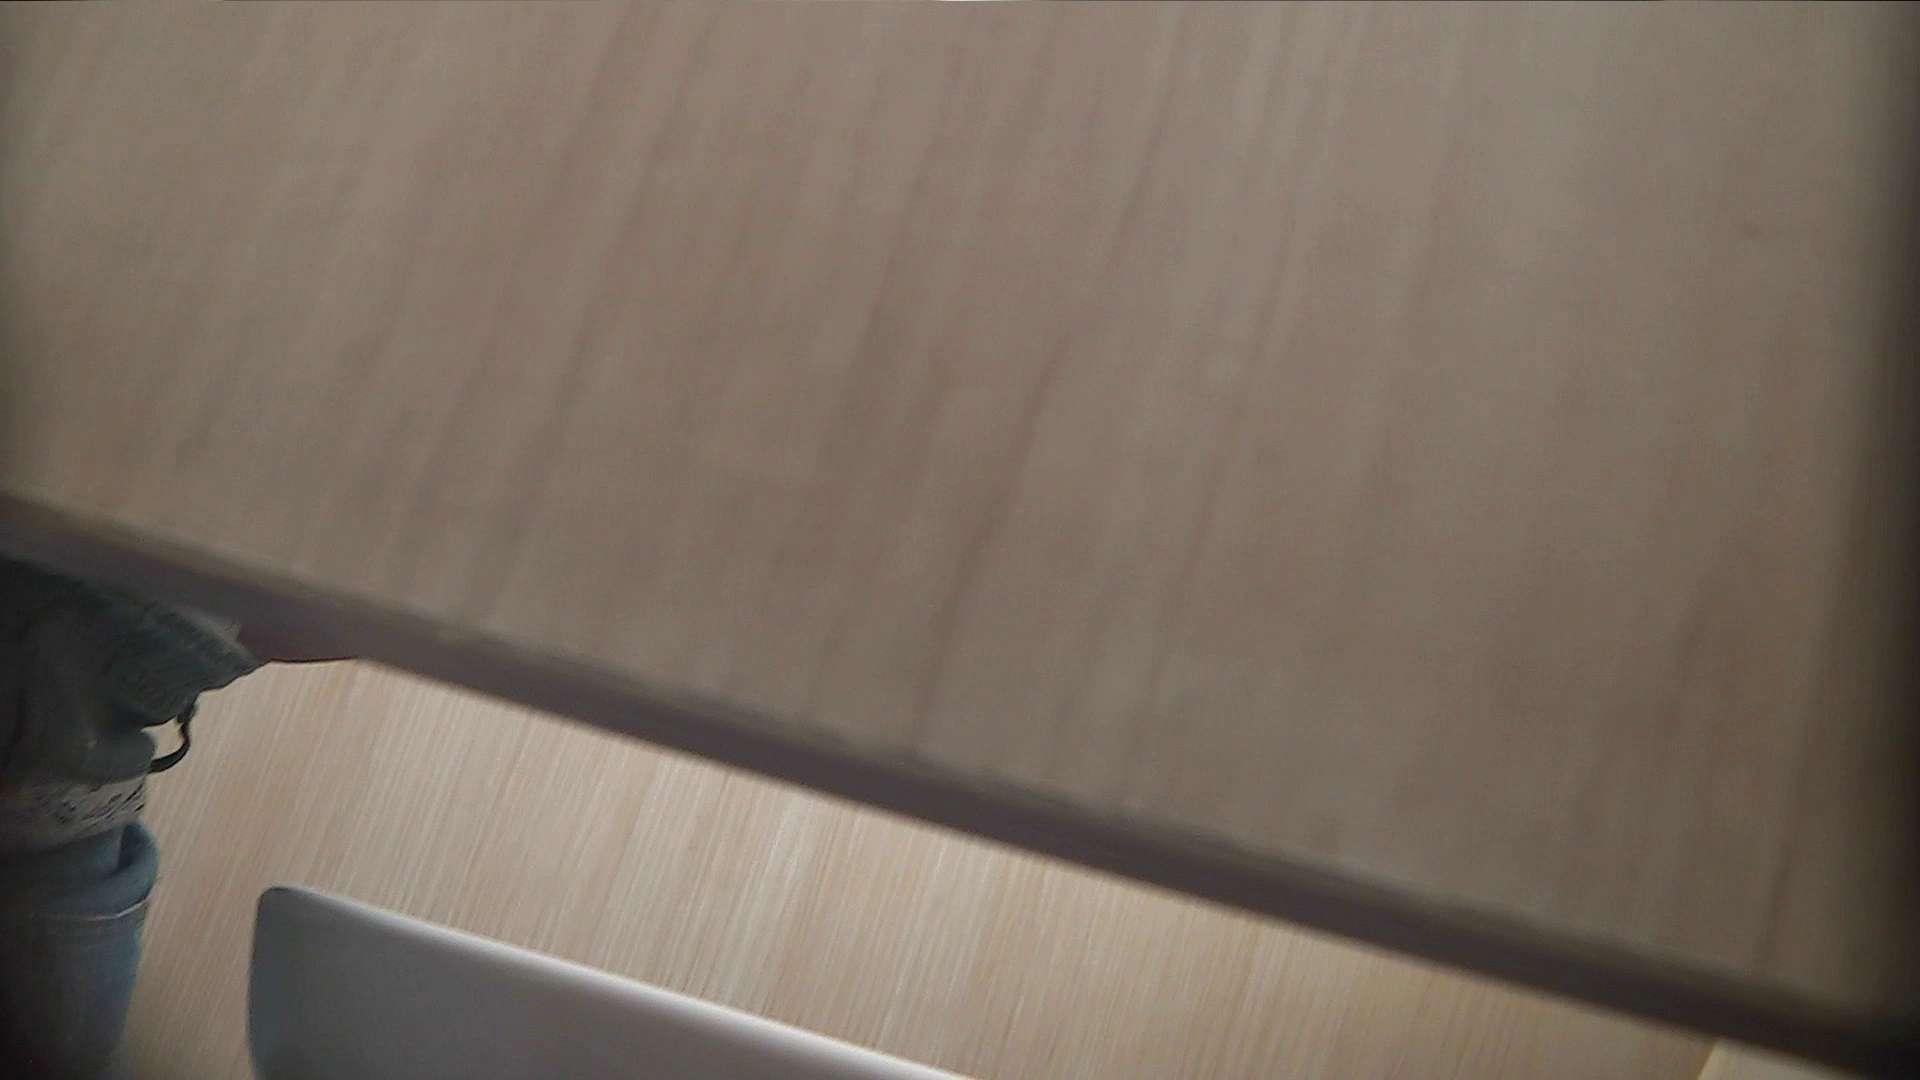 阿国ちゃんの「和式洋式七変化」No.5 和式 オメコ動画キャプチャ 95枚